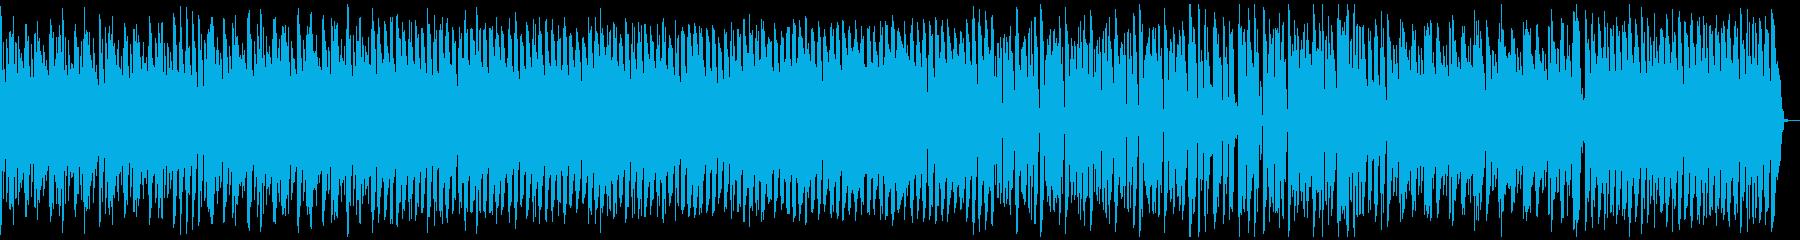 荒野を走るイメージのシンセリードBGMの再生済みの波形